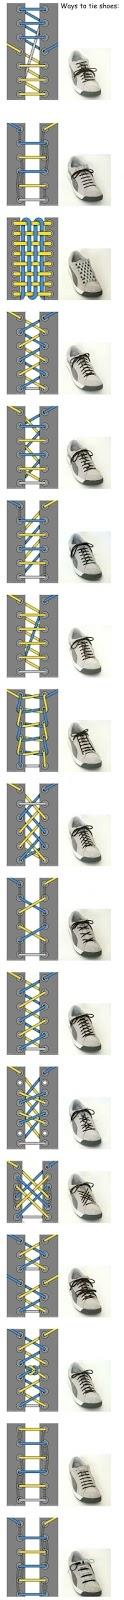 Distintas formas de atarse los cordones